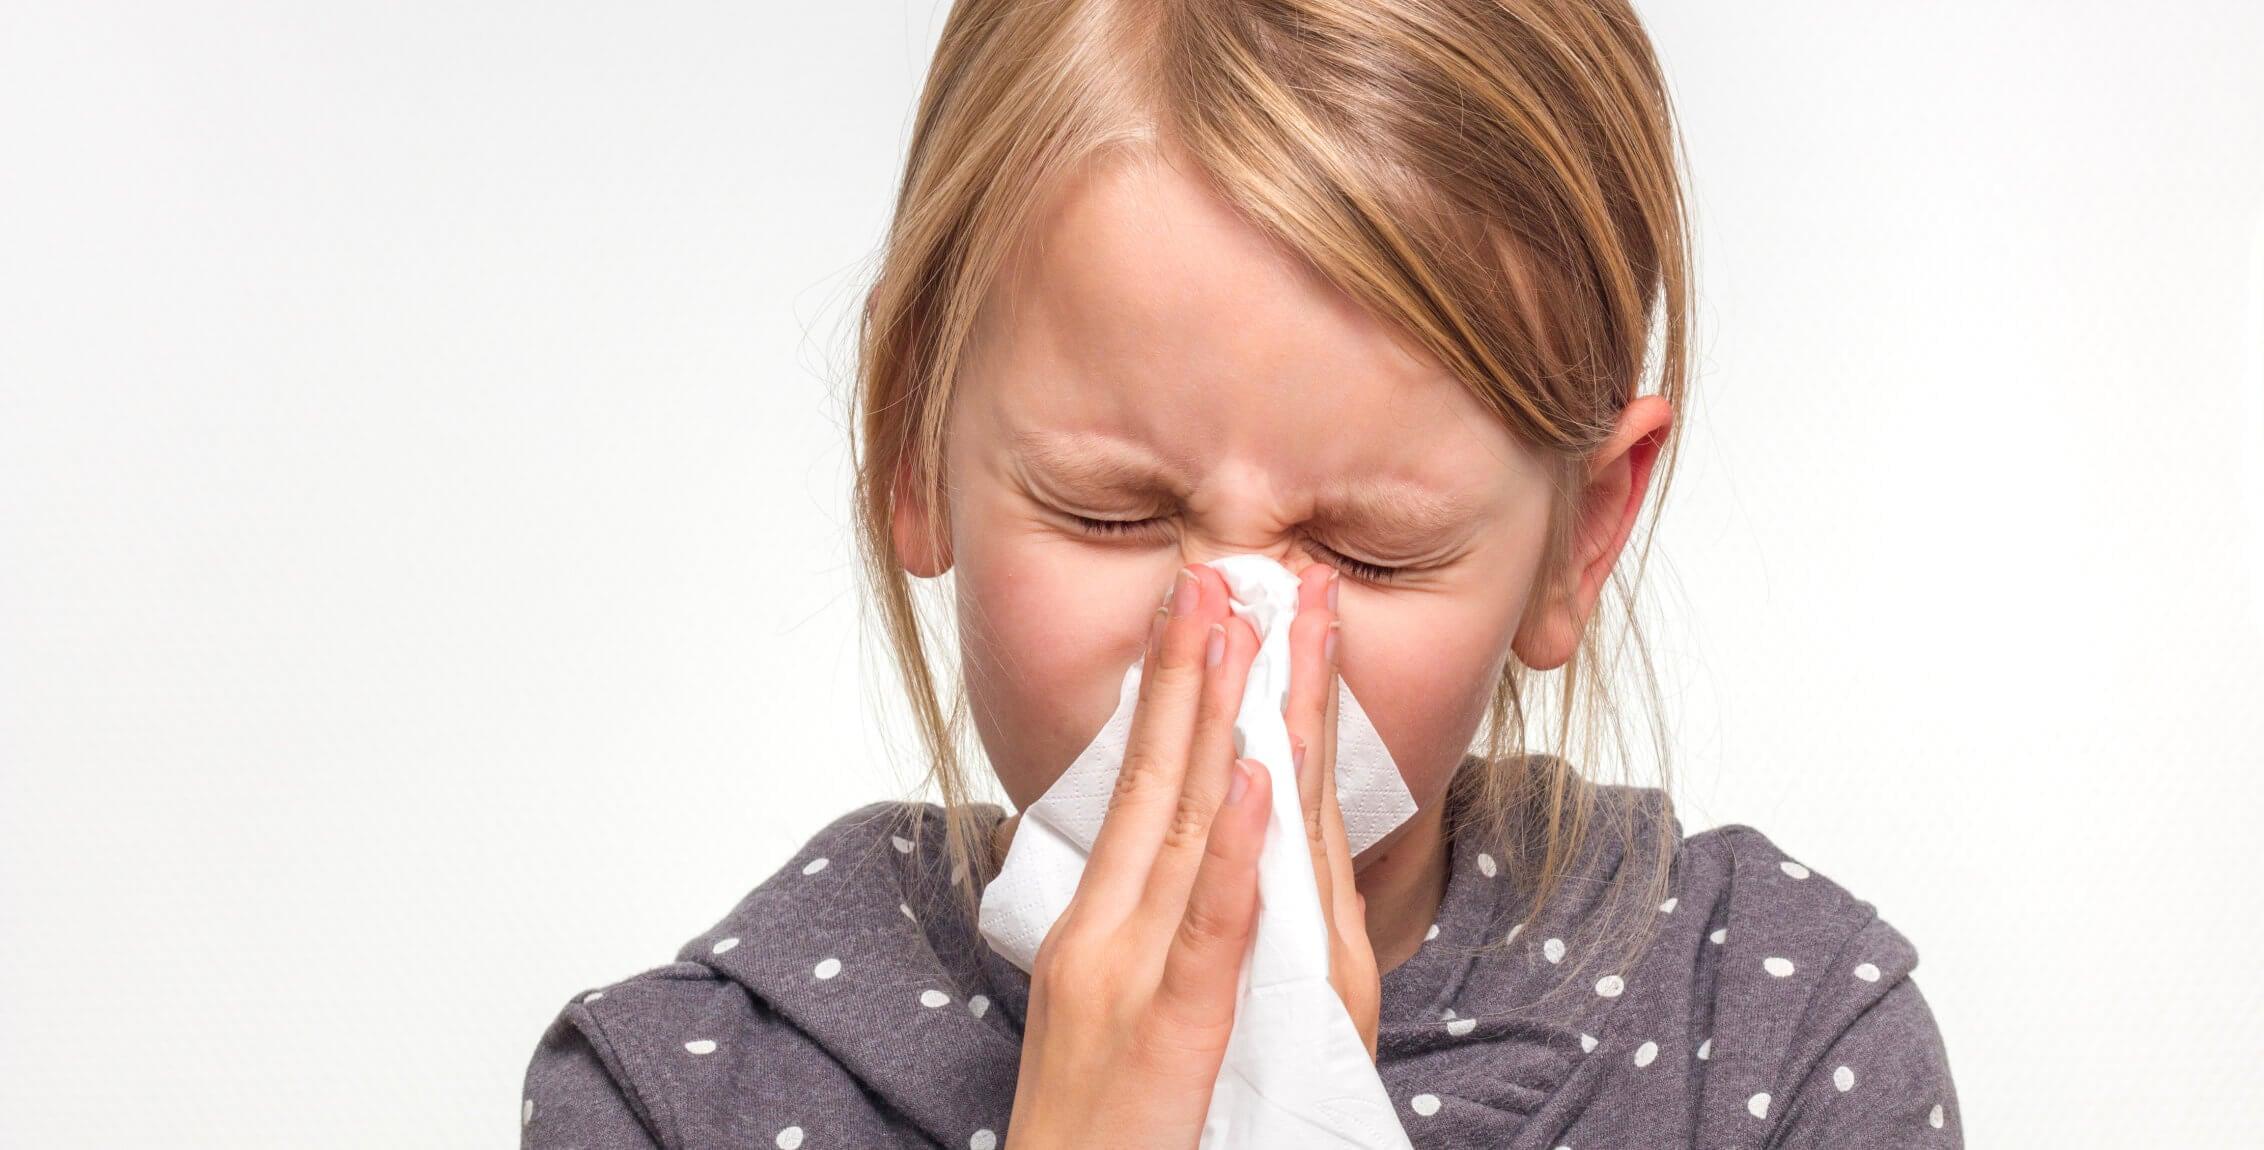 Аллергический ринит симптомы и лечение сезонного и круглогодичного насморка